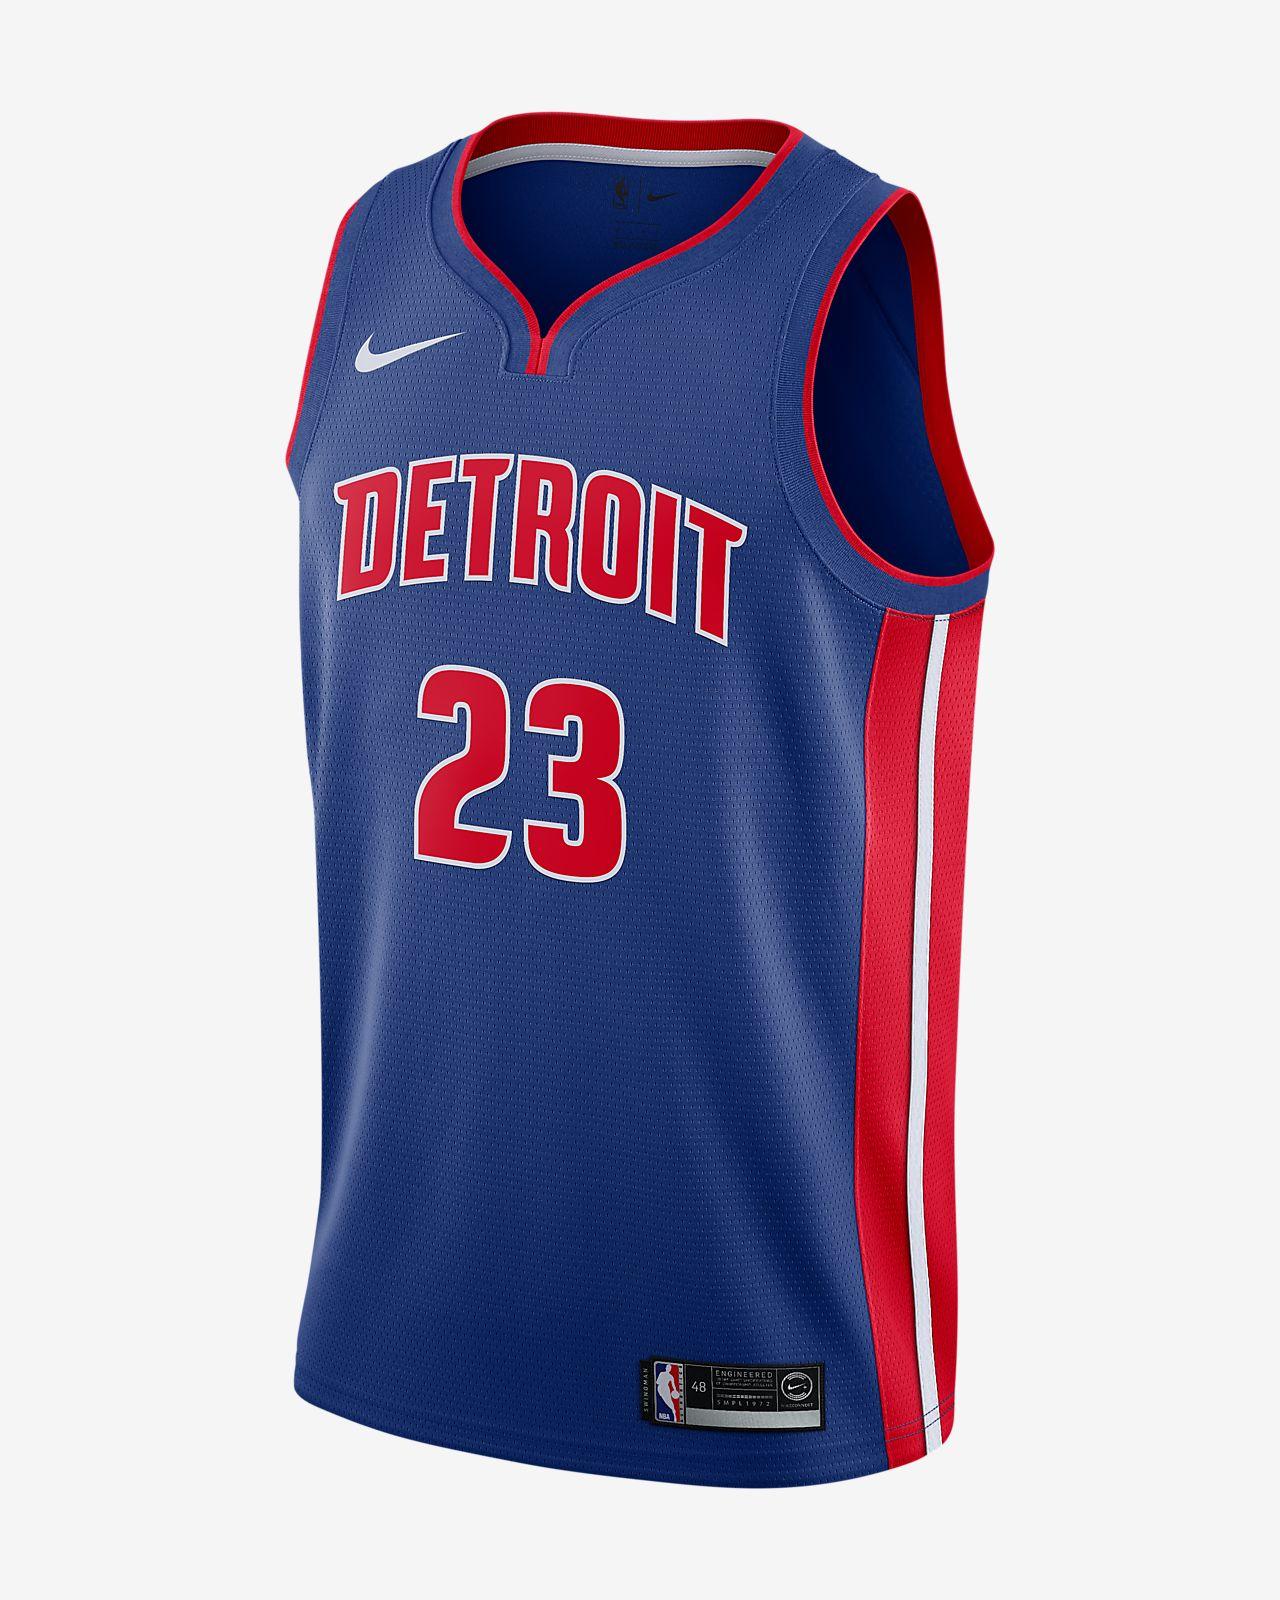 Męska koszulka Nike NBA Connected Jersey Blake Griffin Icon Edition Swingman (Detroit Pistons)